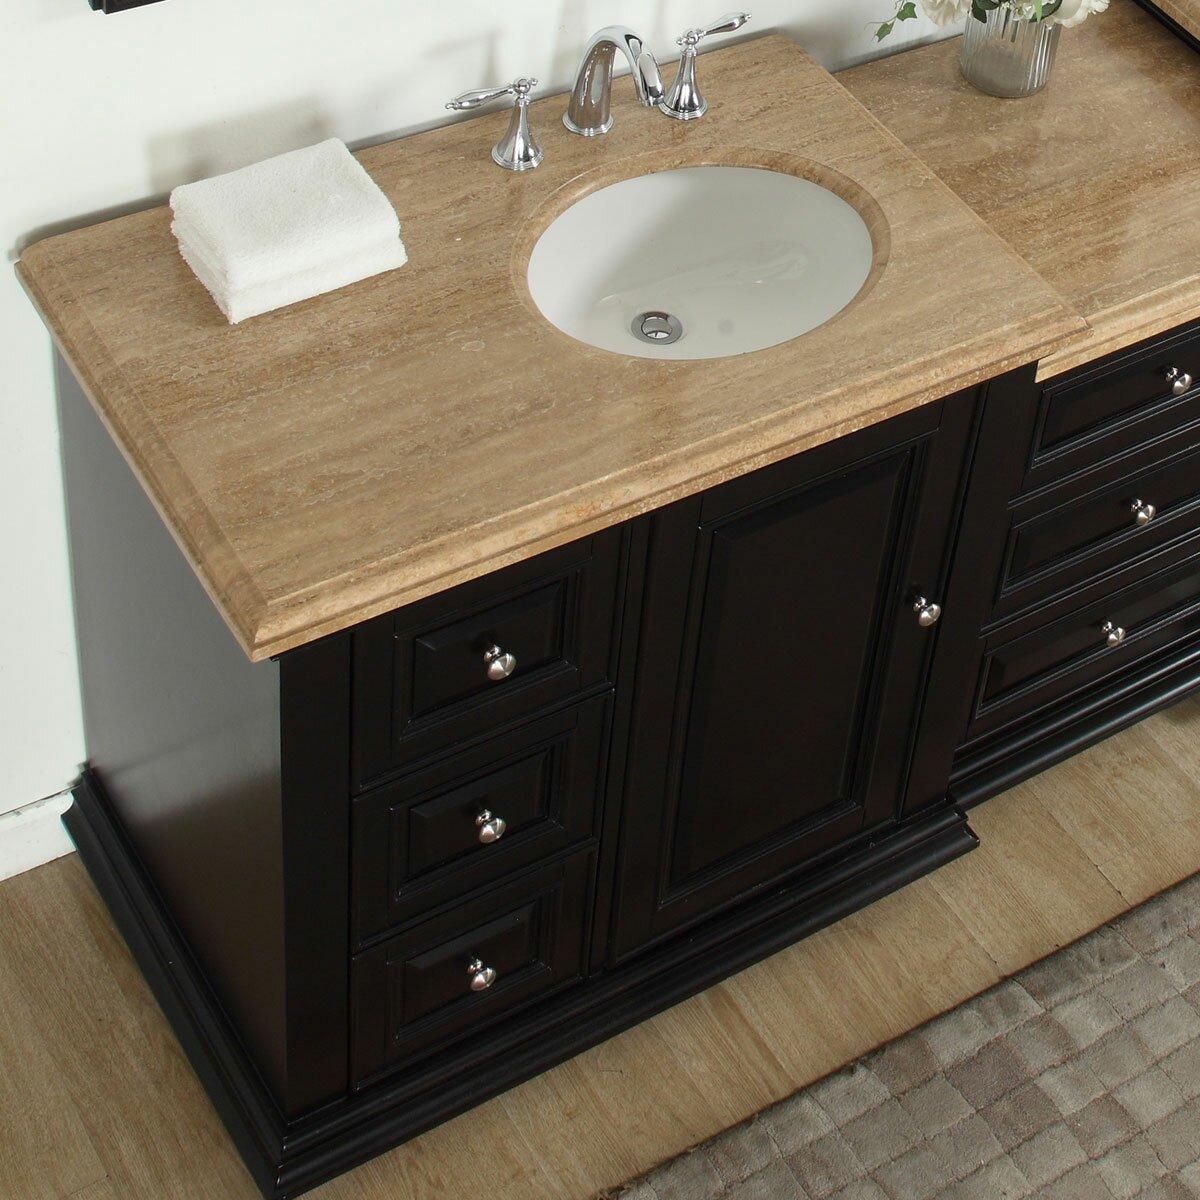 Silkroad exclusive 56 single bathroom modular vanity set for Prefab vanity